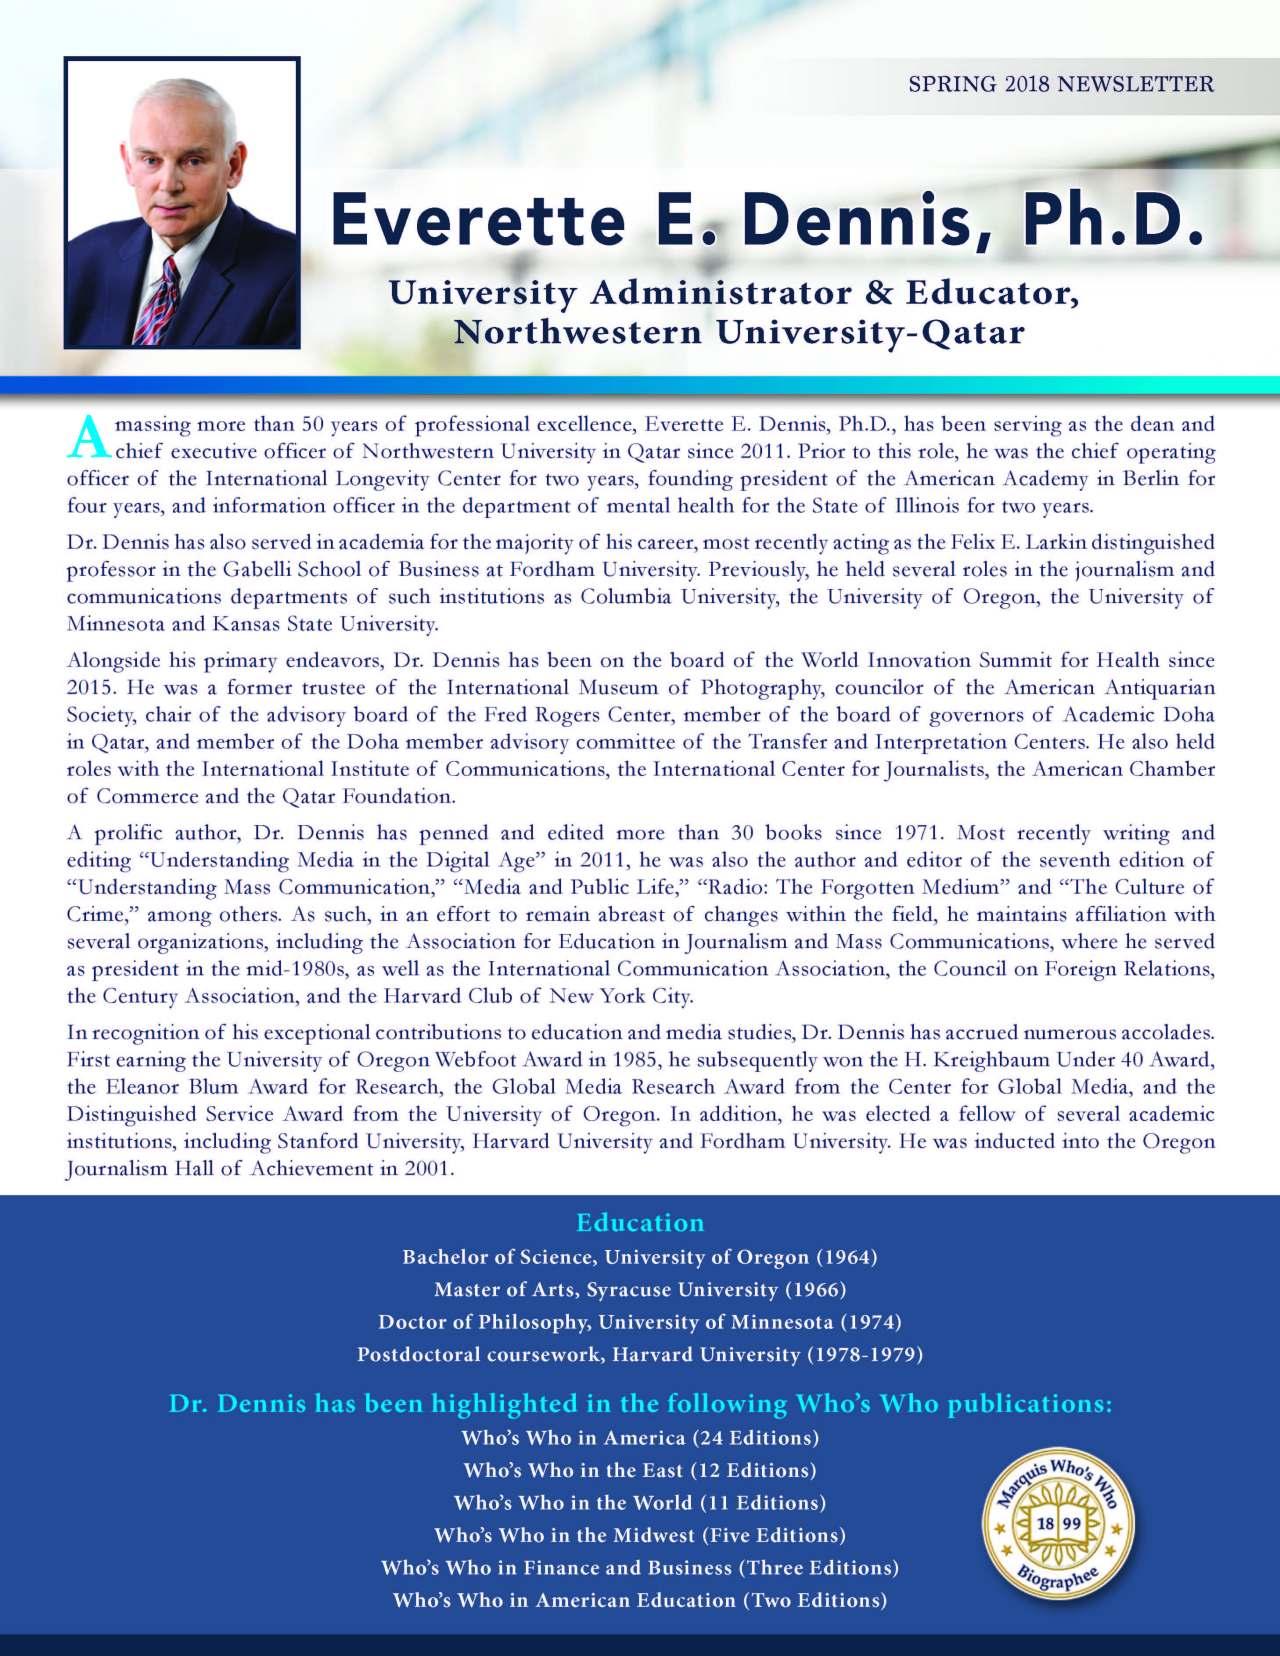 Dennis, Everette 2147172_2153658 Newsletter.jpg